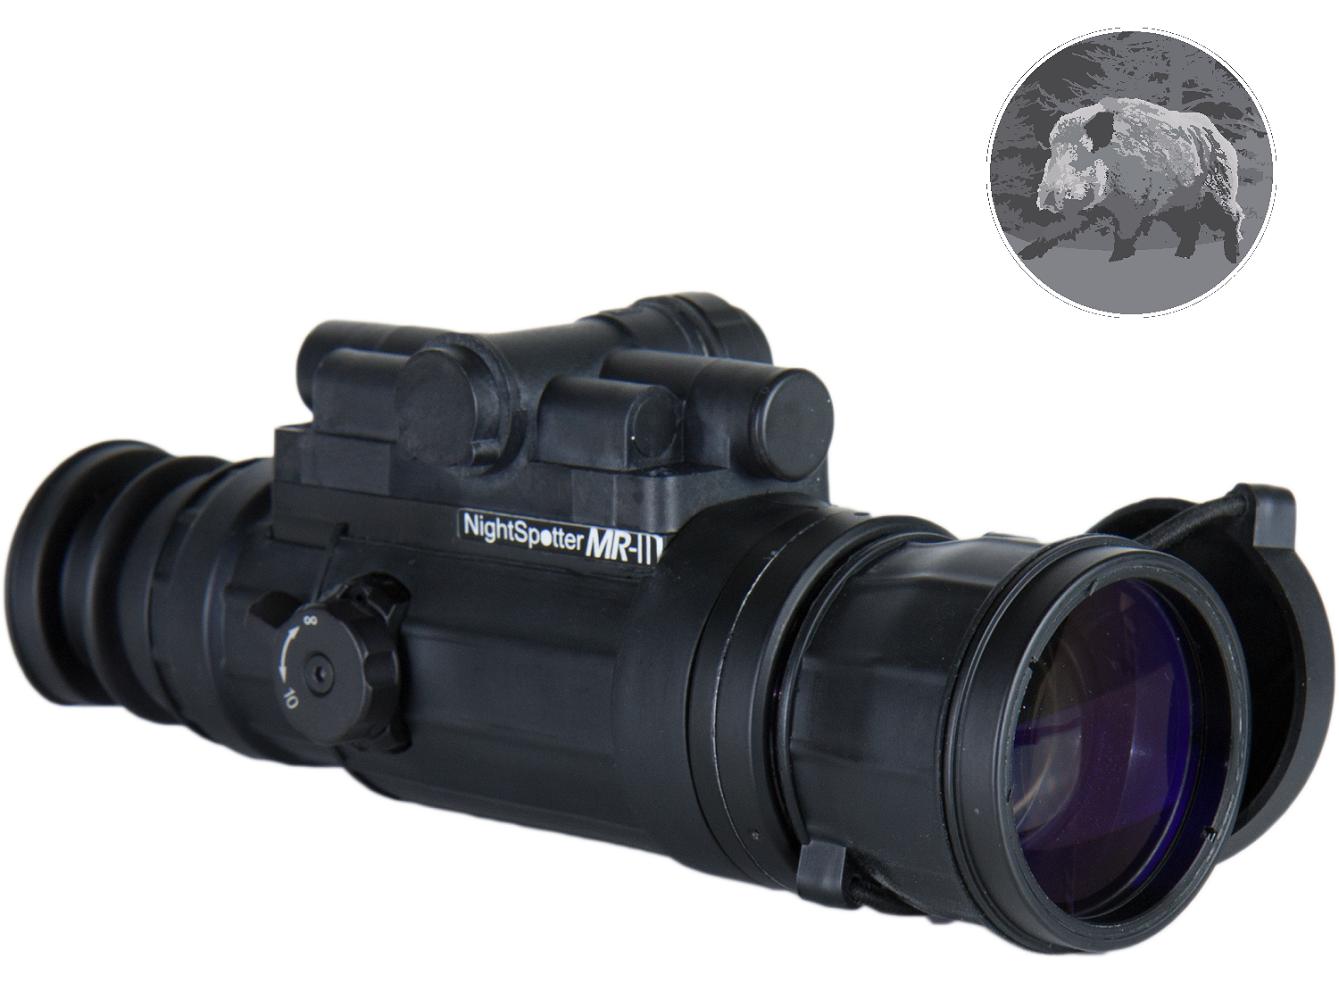 Jagd nachtsichtgeräte ohne infrarot eingebautes günstig kaufen ebay